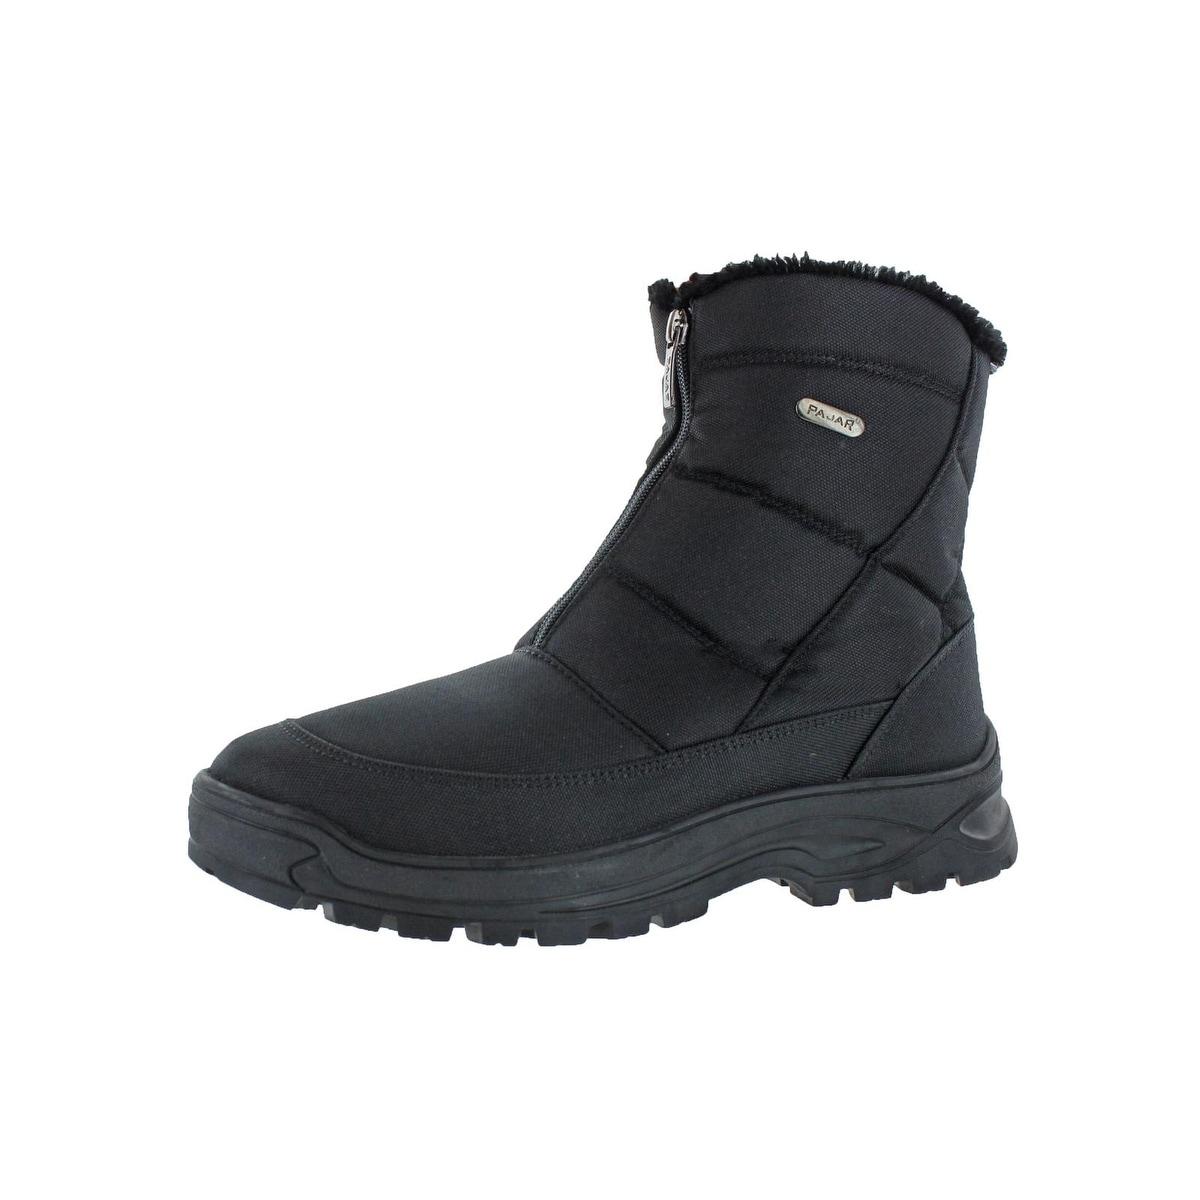 47ea9387e52 Buy Snow Men's Boots Online at Overstock   Our Best Men's Shoes Deals